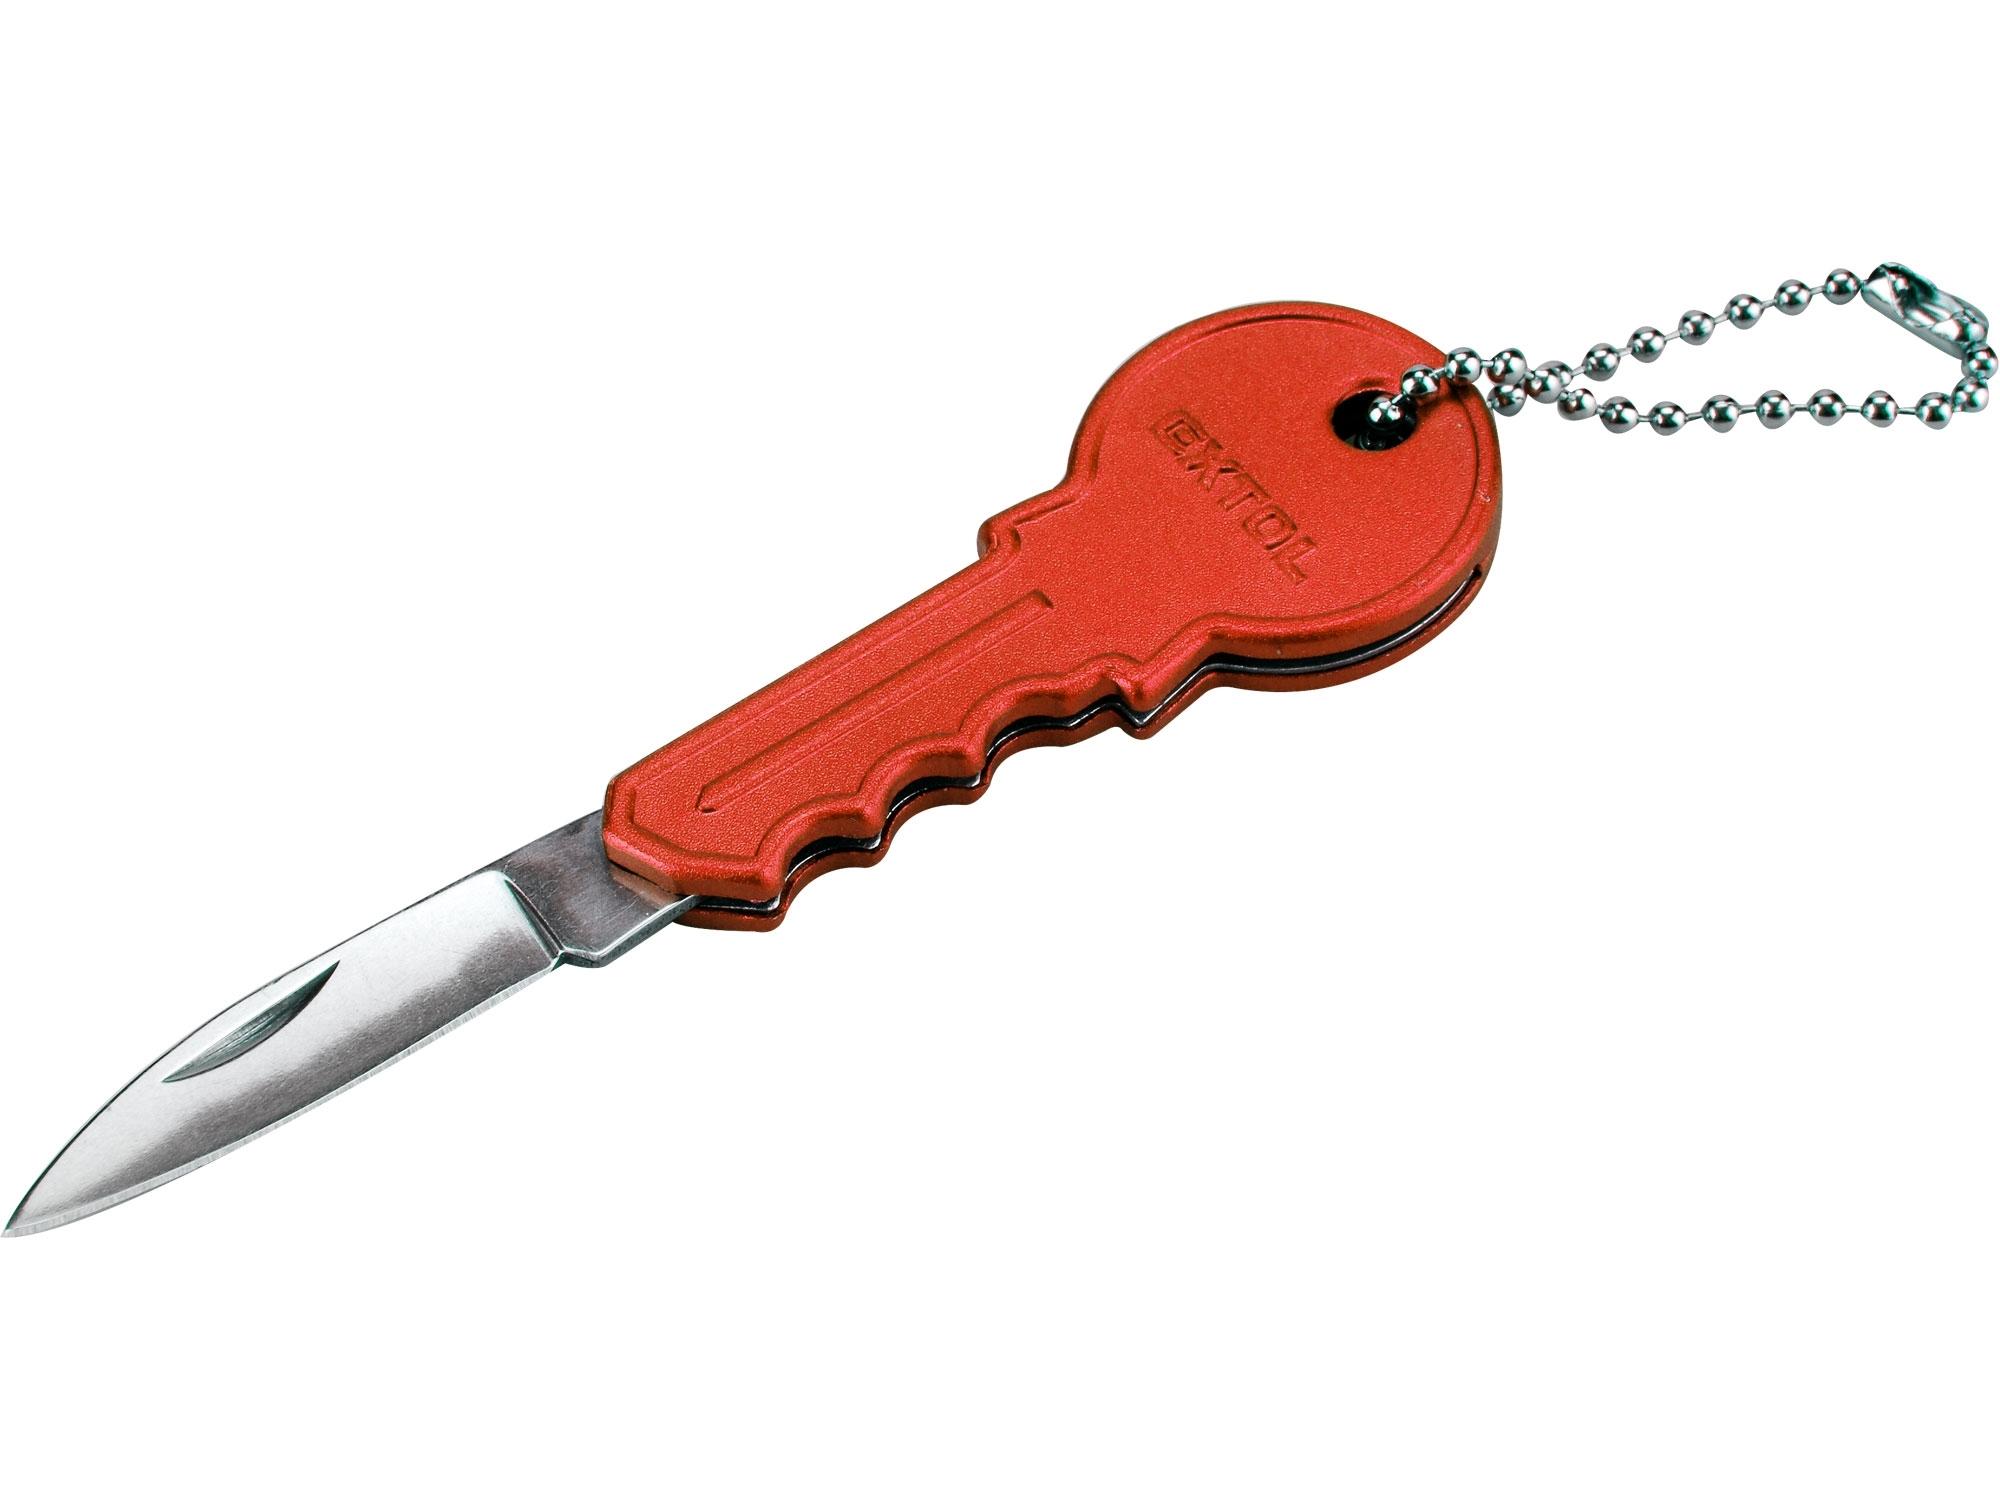 nůž s rukojetí ve tvaru klíče, 100/60mm, nerez, EXTOL CRAFT 91394